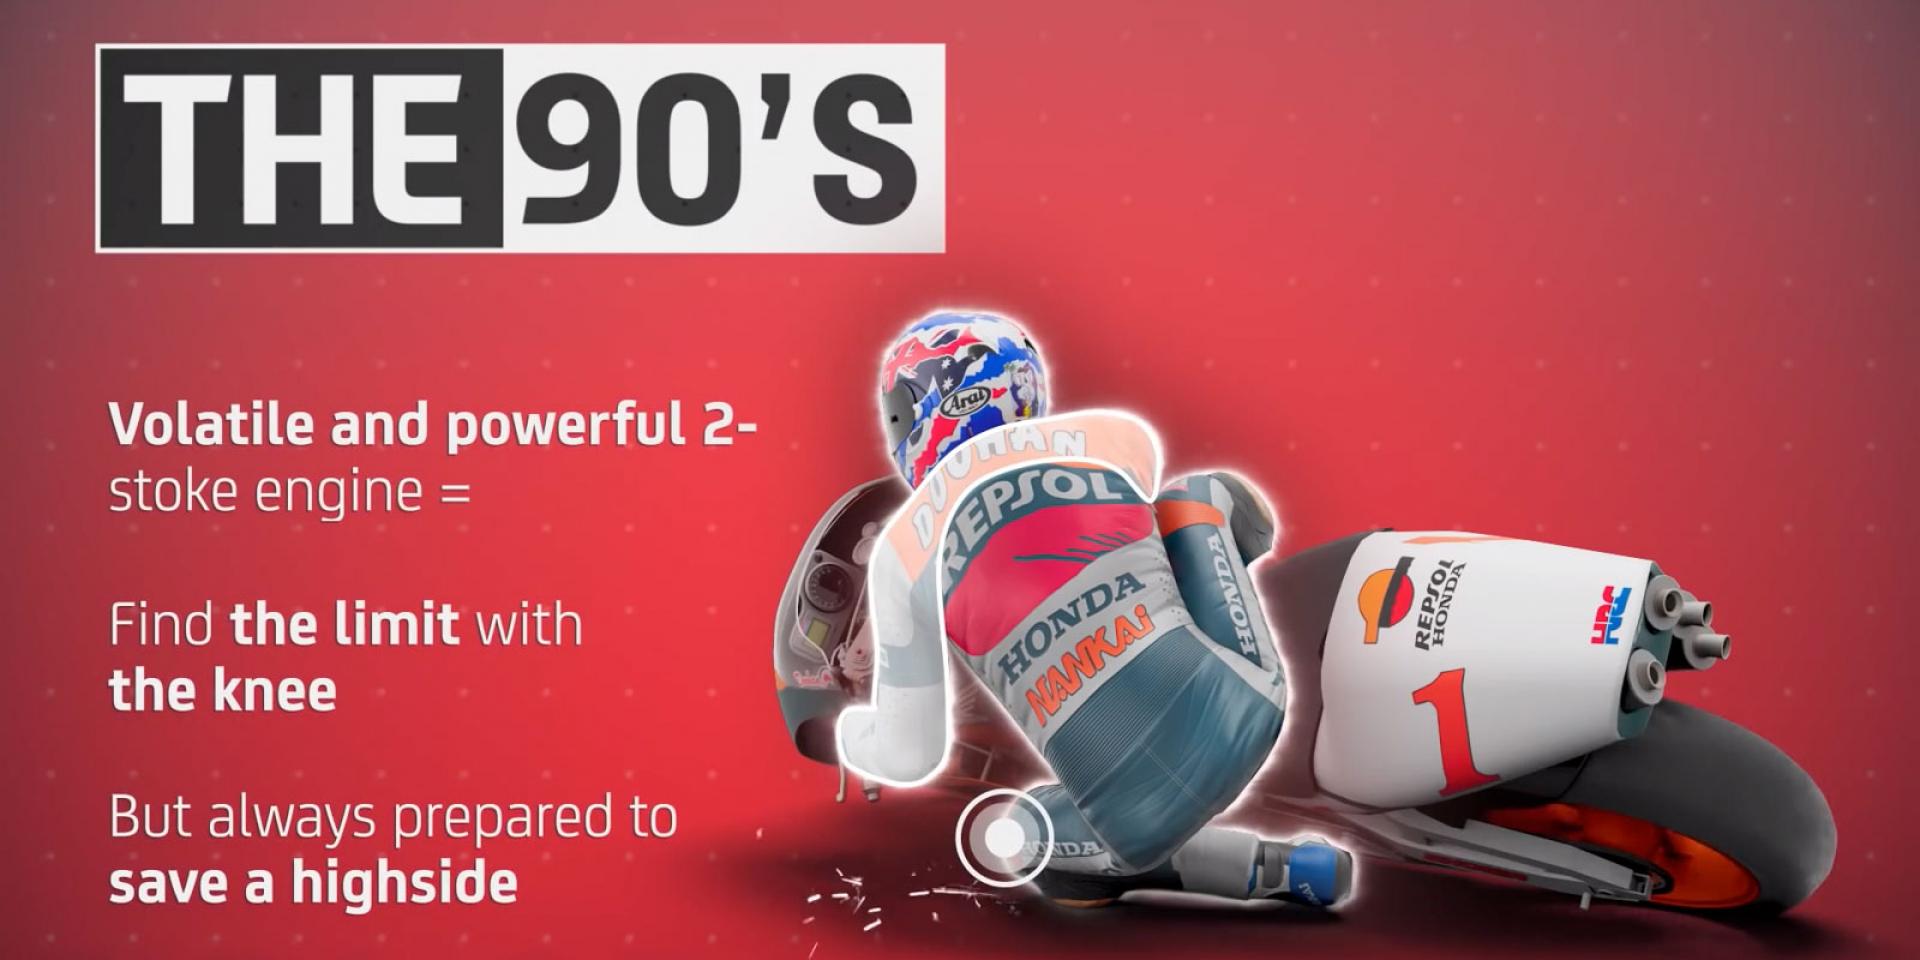 擰麻花到摩手肘!MotoGP官方影片 展示不同時代經典姿勢